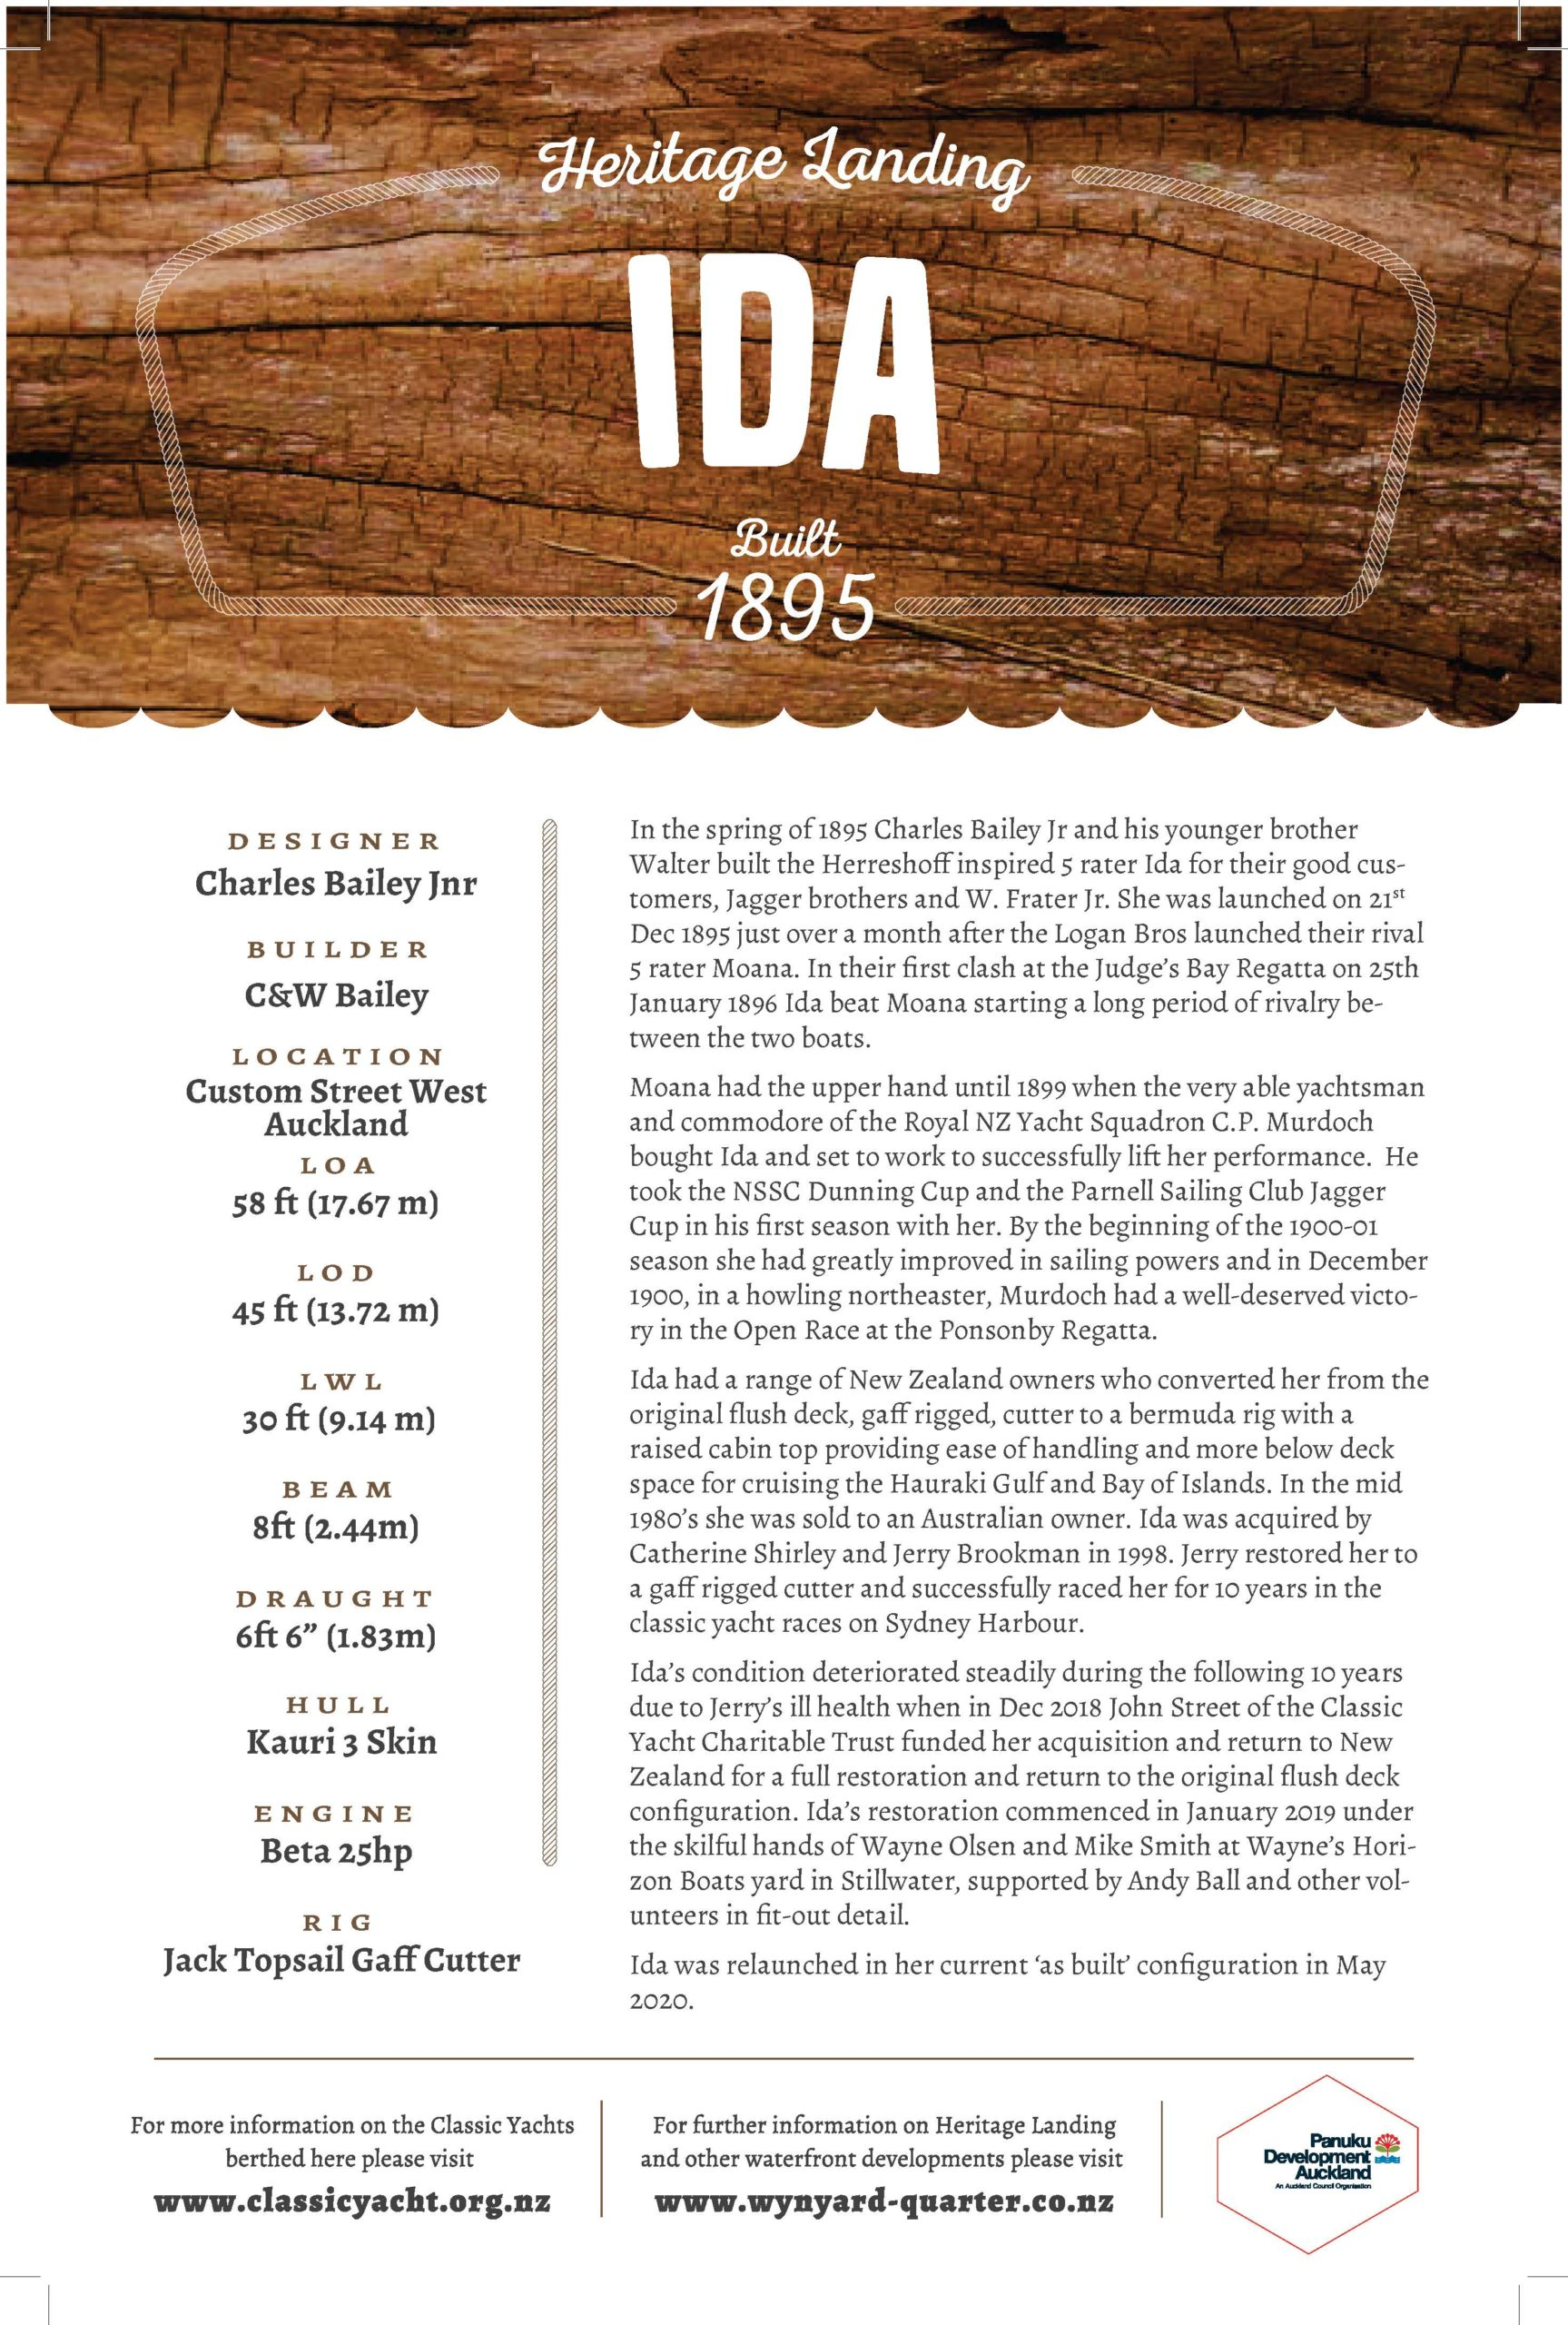 Ida at Heritage Landing